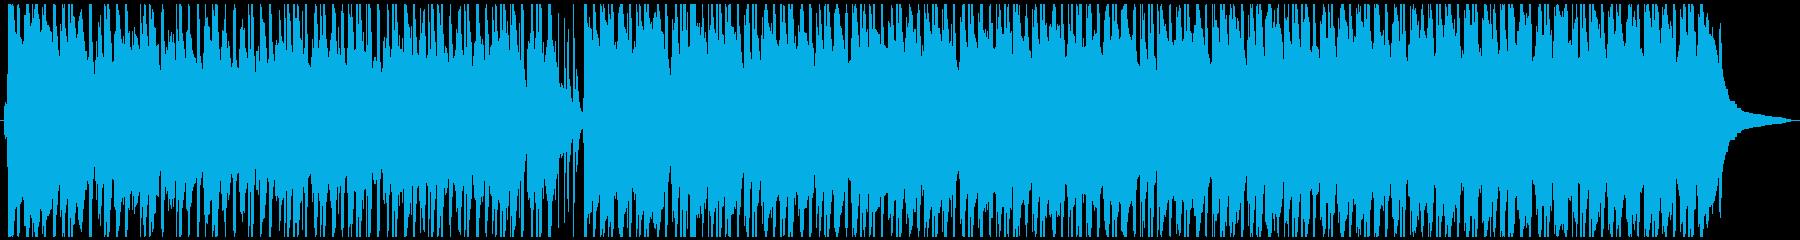 陽気なウクレレポップスの再生済みの波形